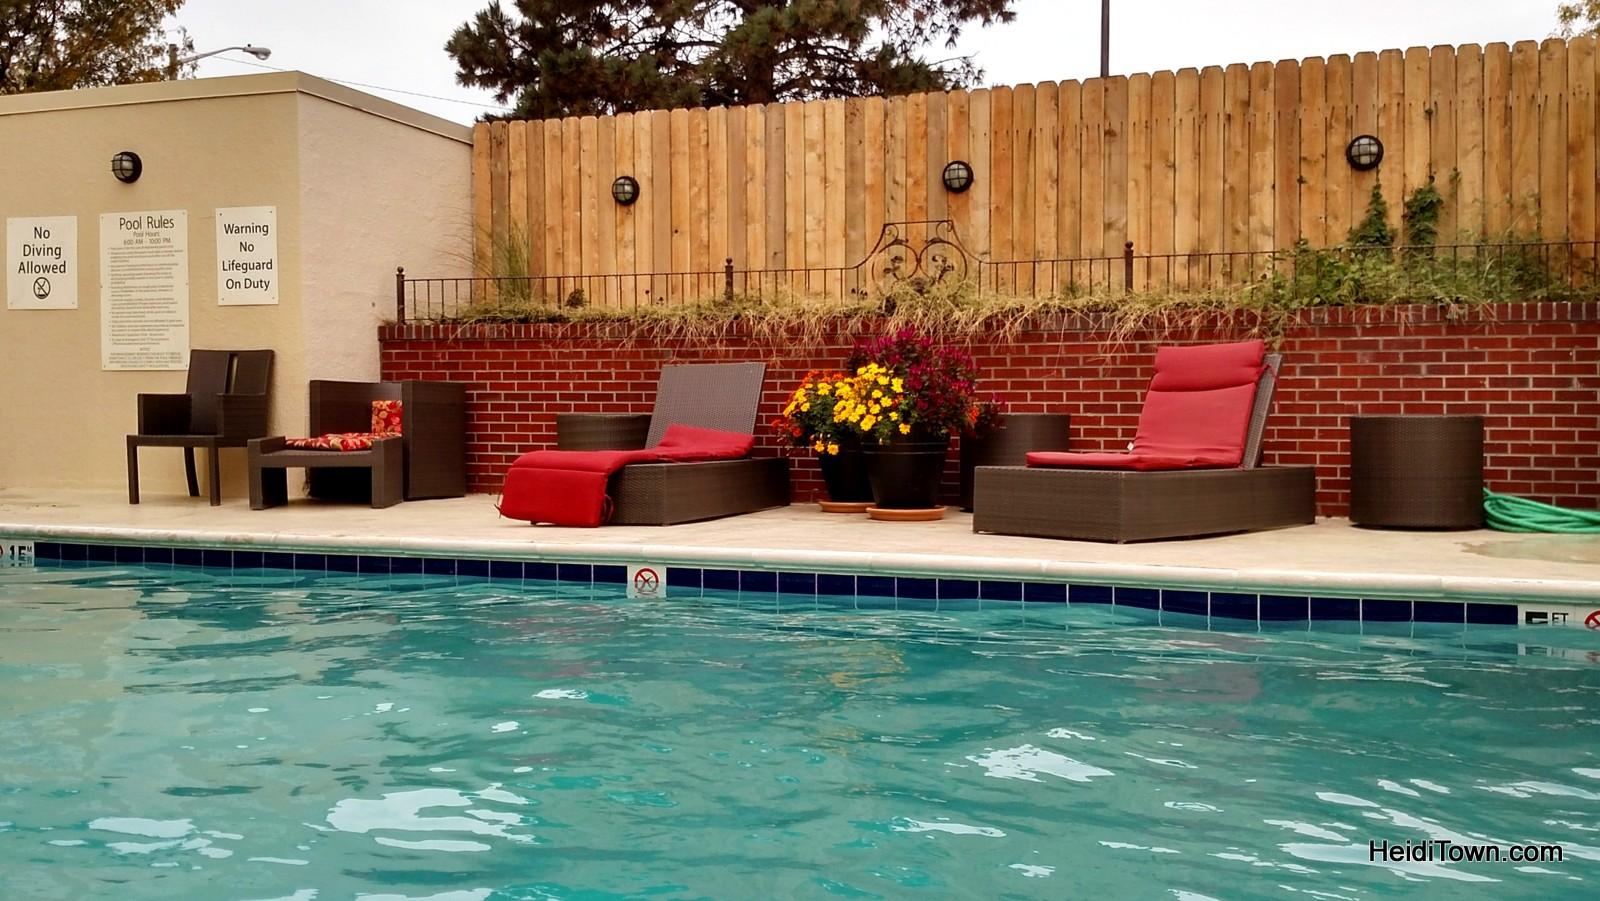 Holiday Inn - Denver, Stapleton pool. HeidiTown.com